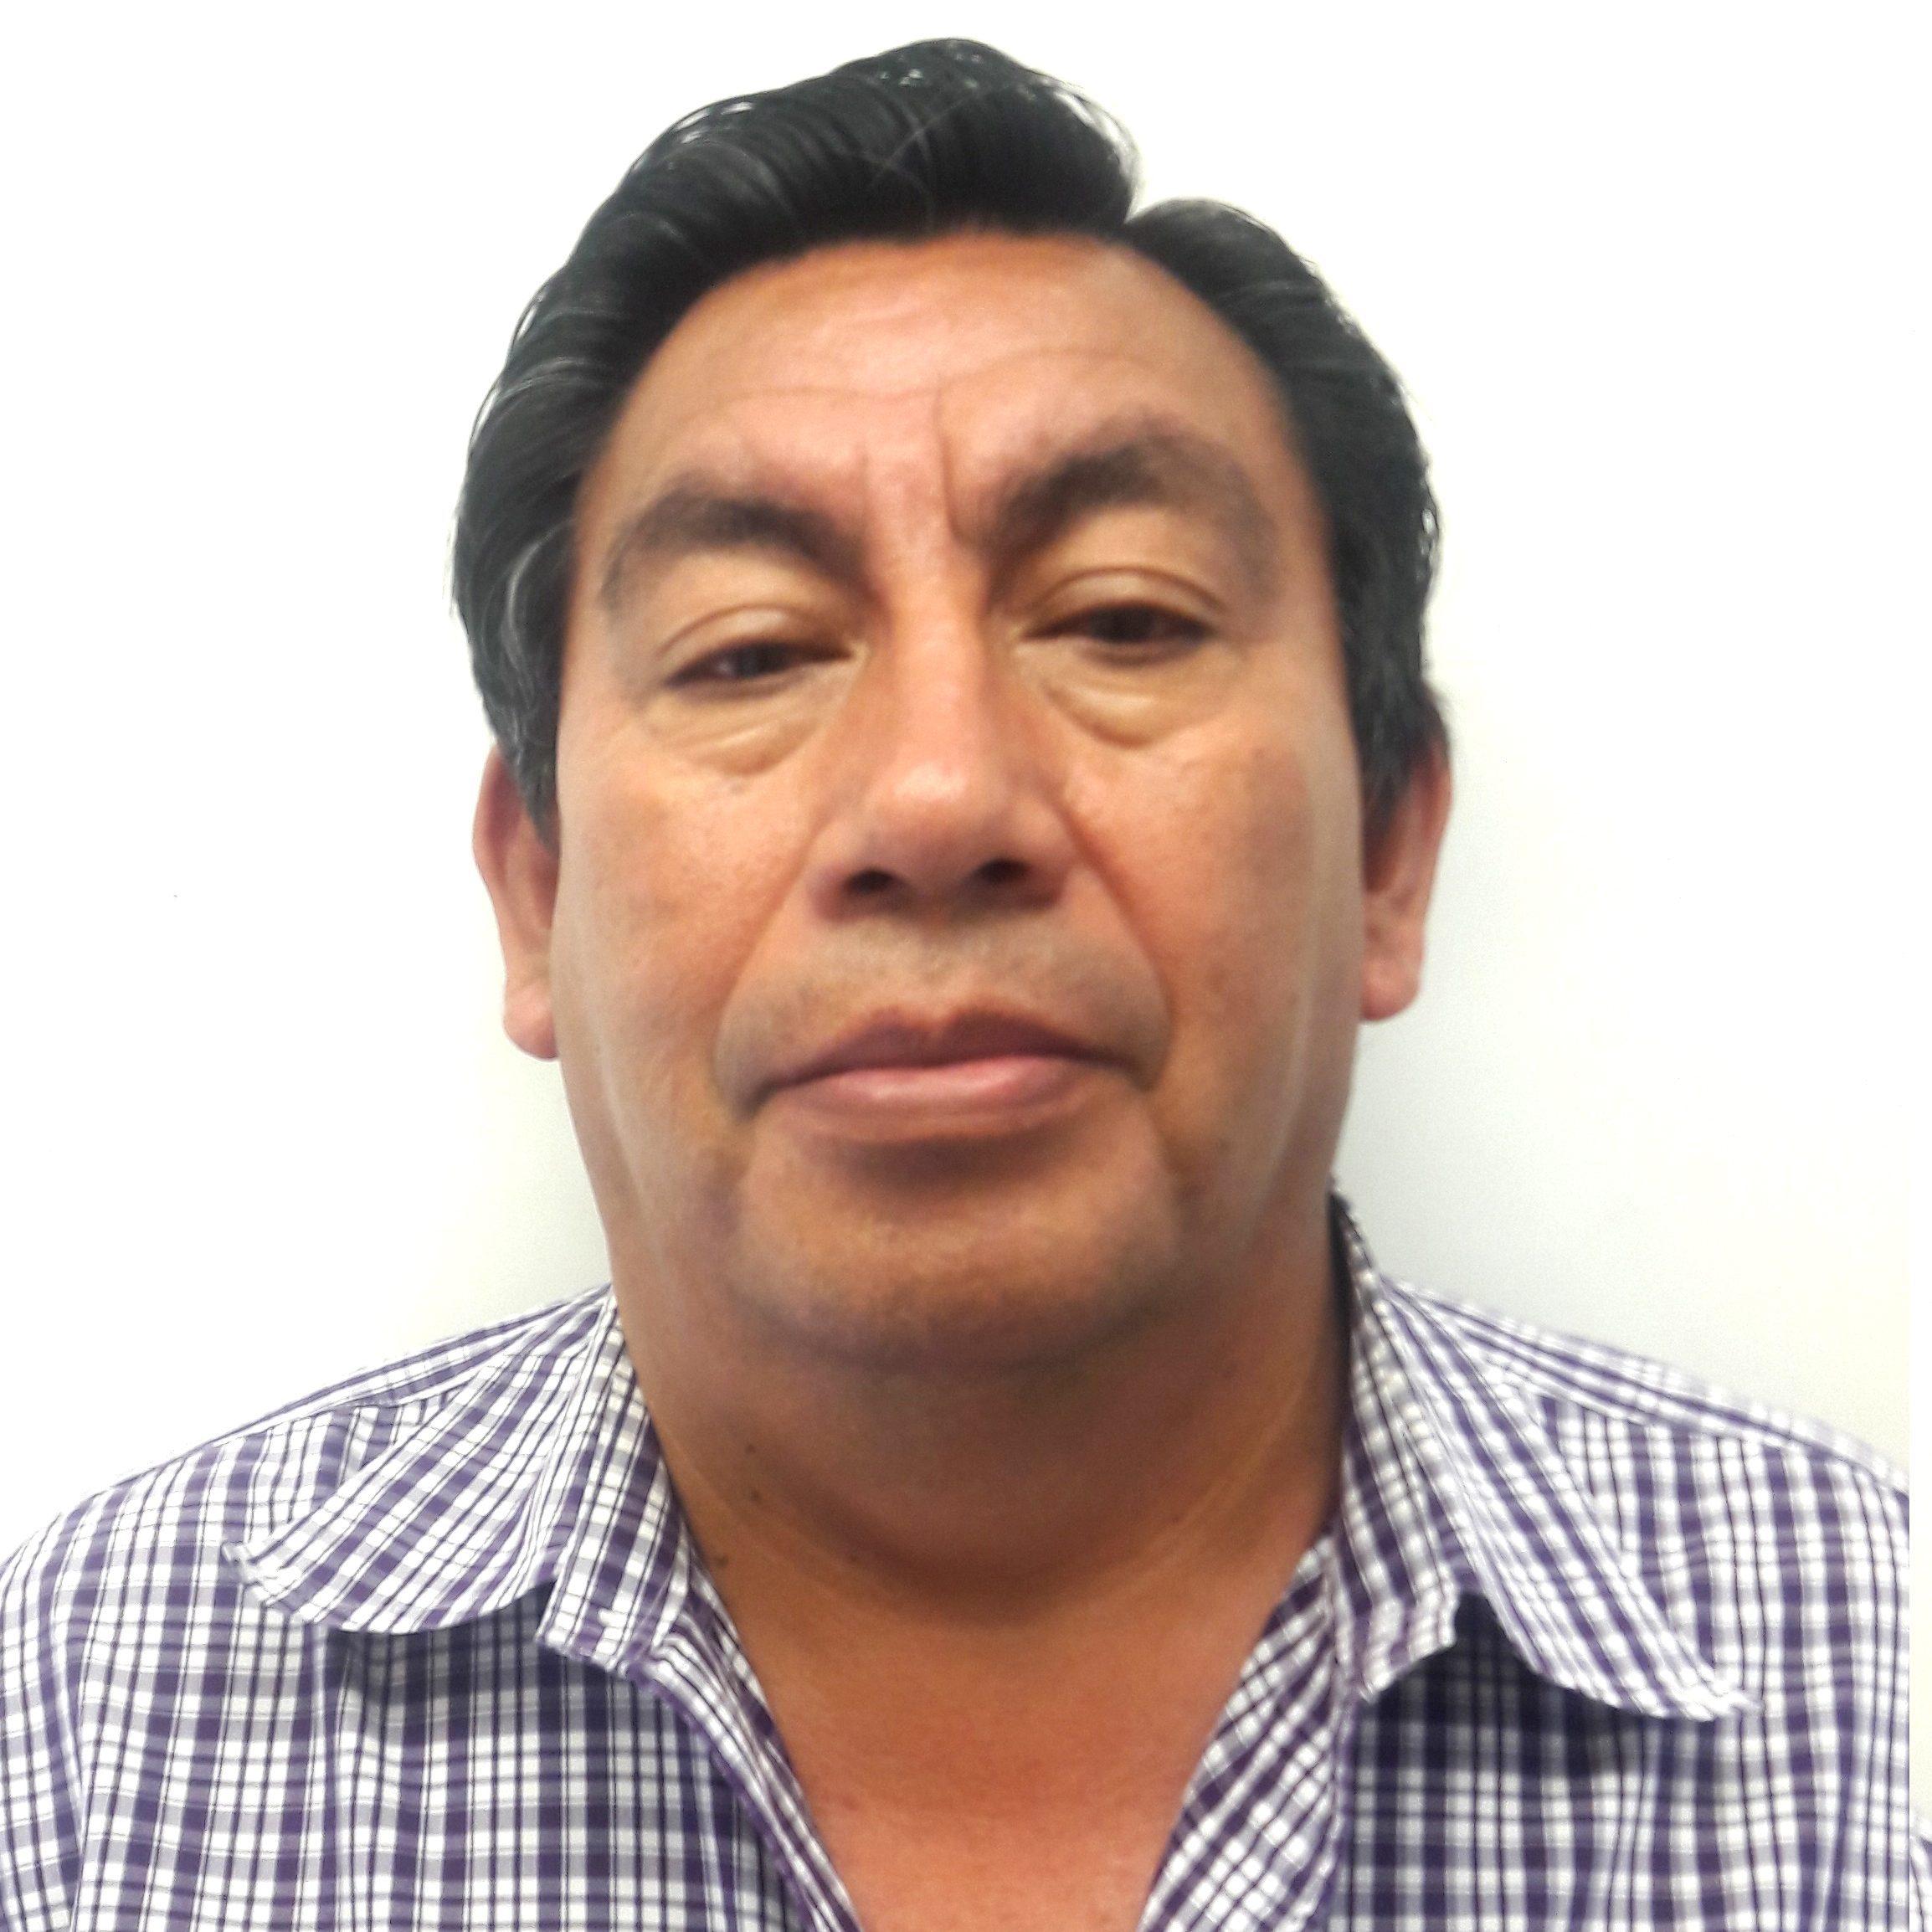 Felipe Ayala Olvera